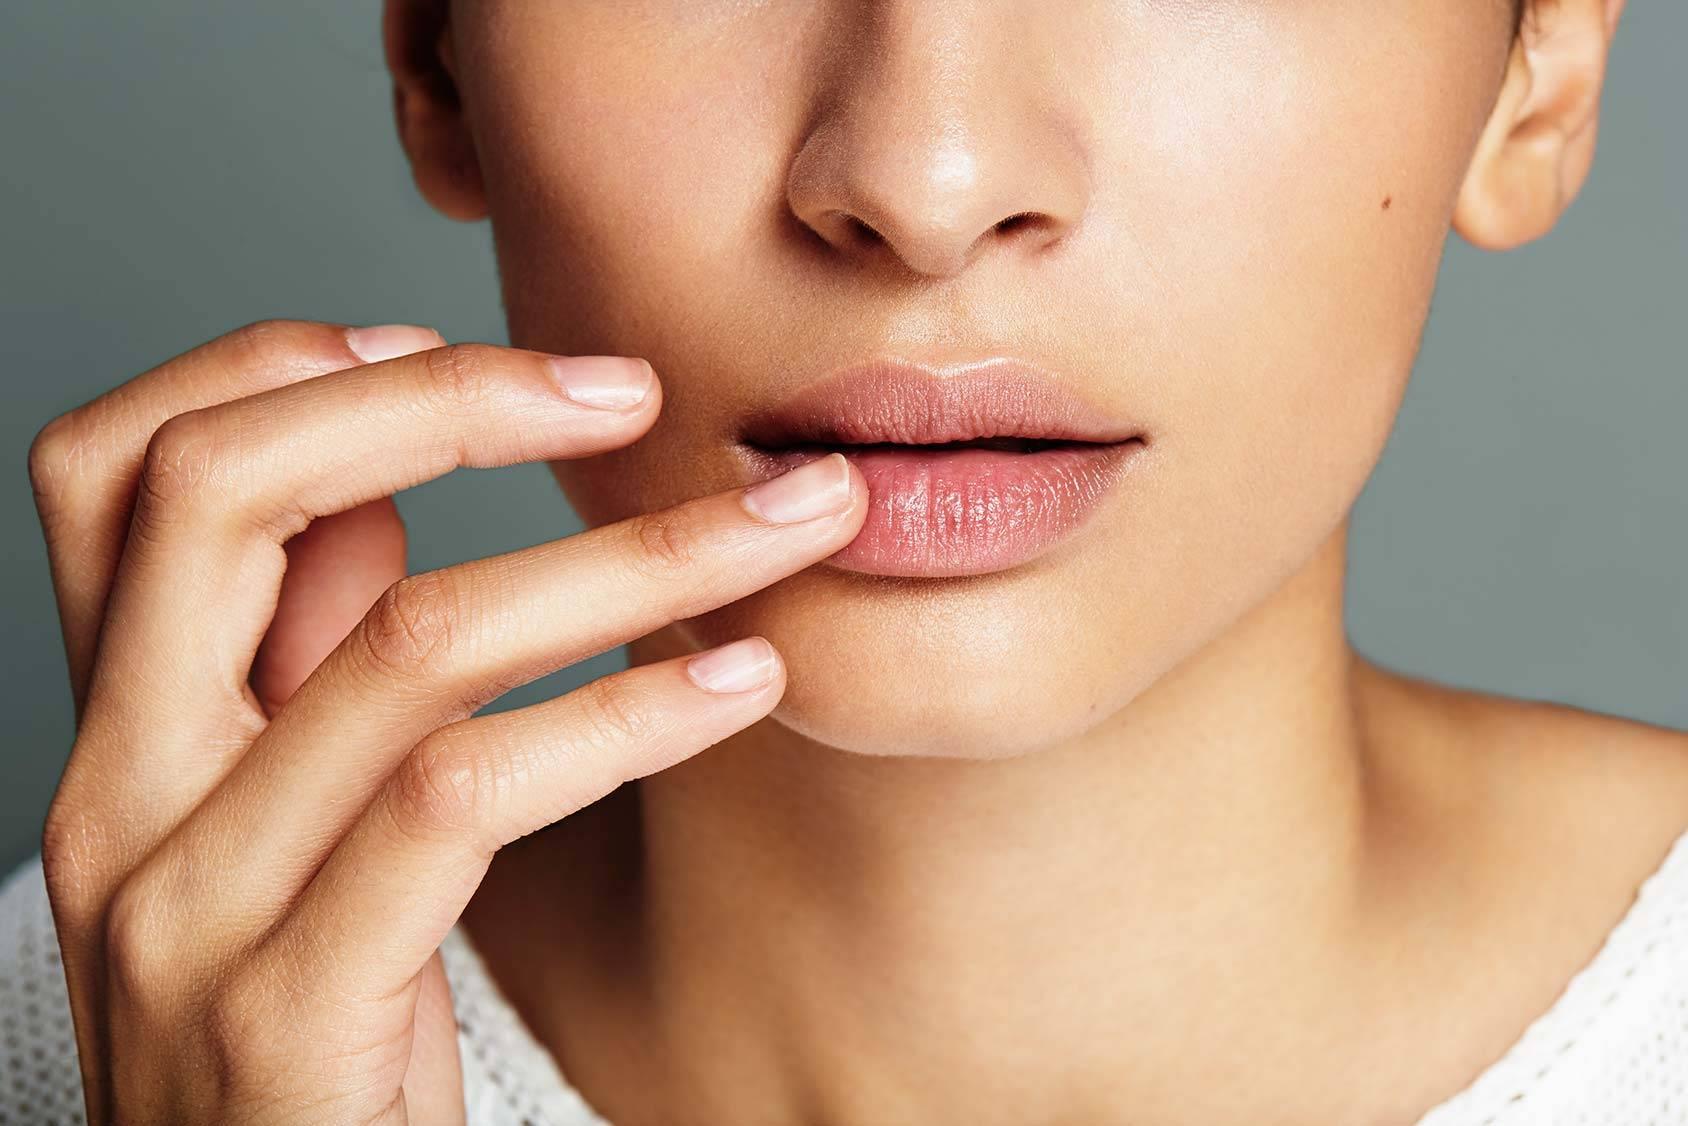 PunjabKesari, Nari, Exfoliate Lips, Images